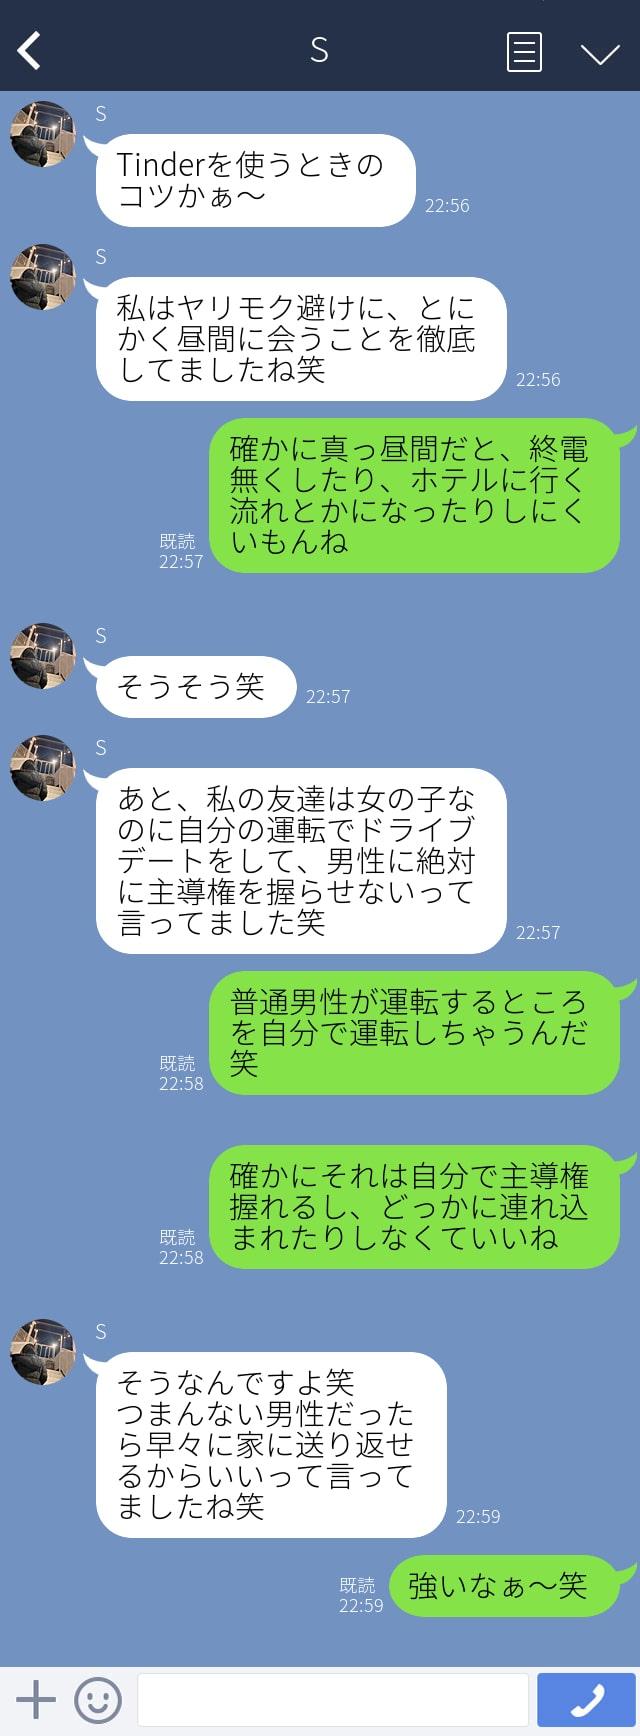 マッチングアプリ 口コミ ヤリモク Tinder